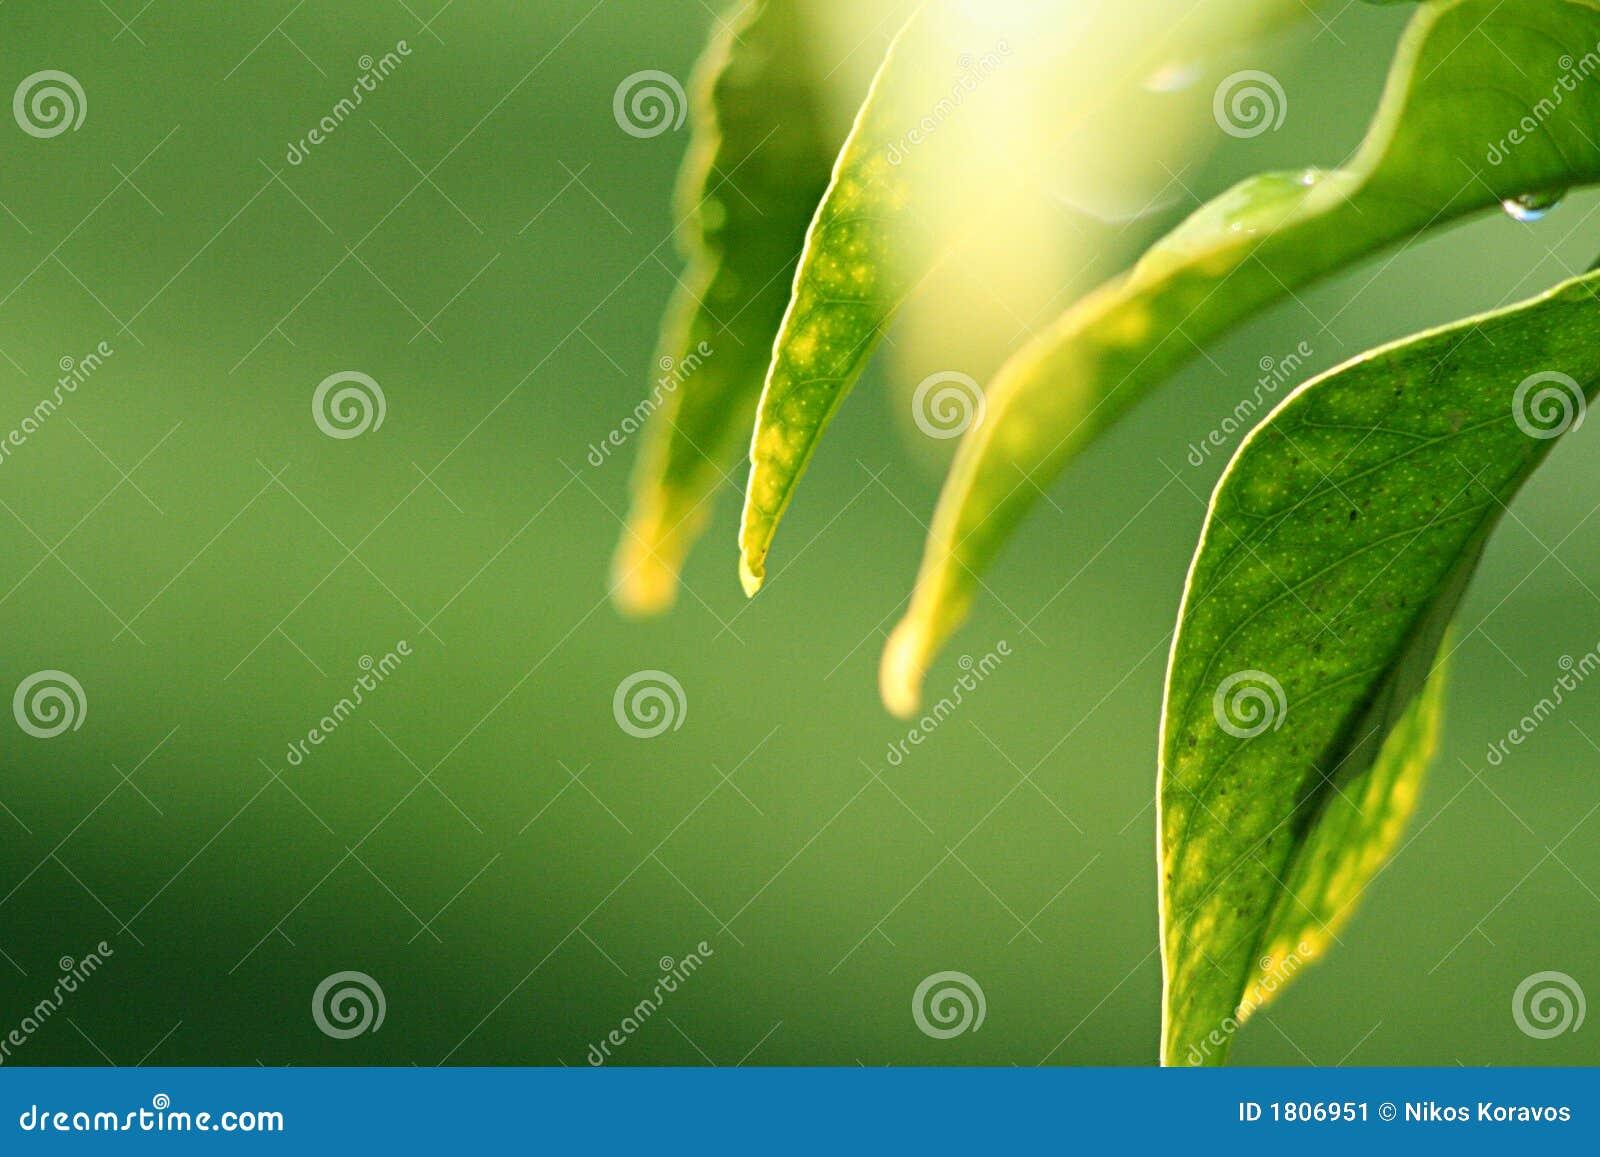 Lemon leaves in sunshine